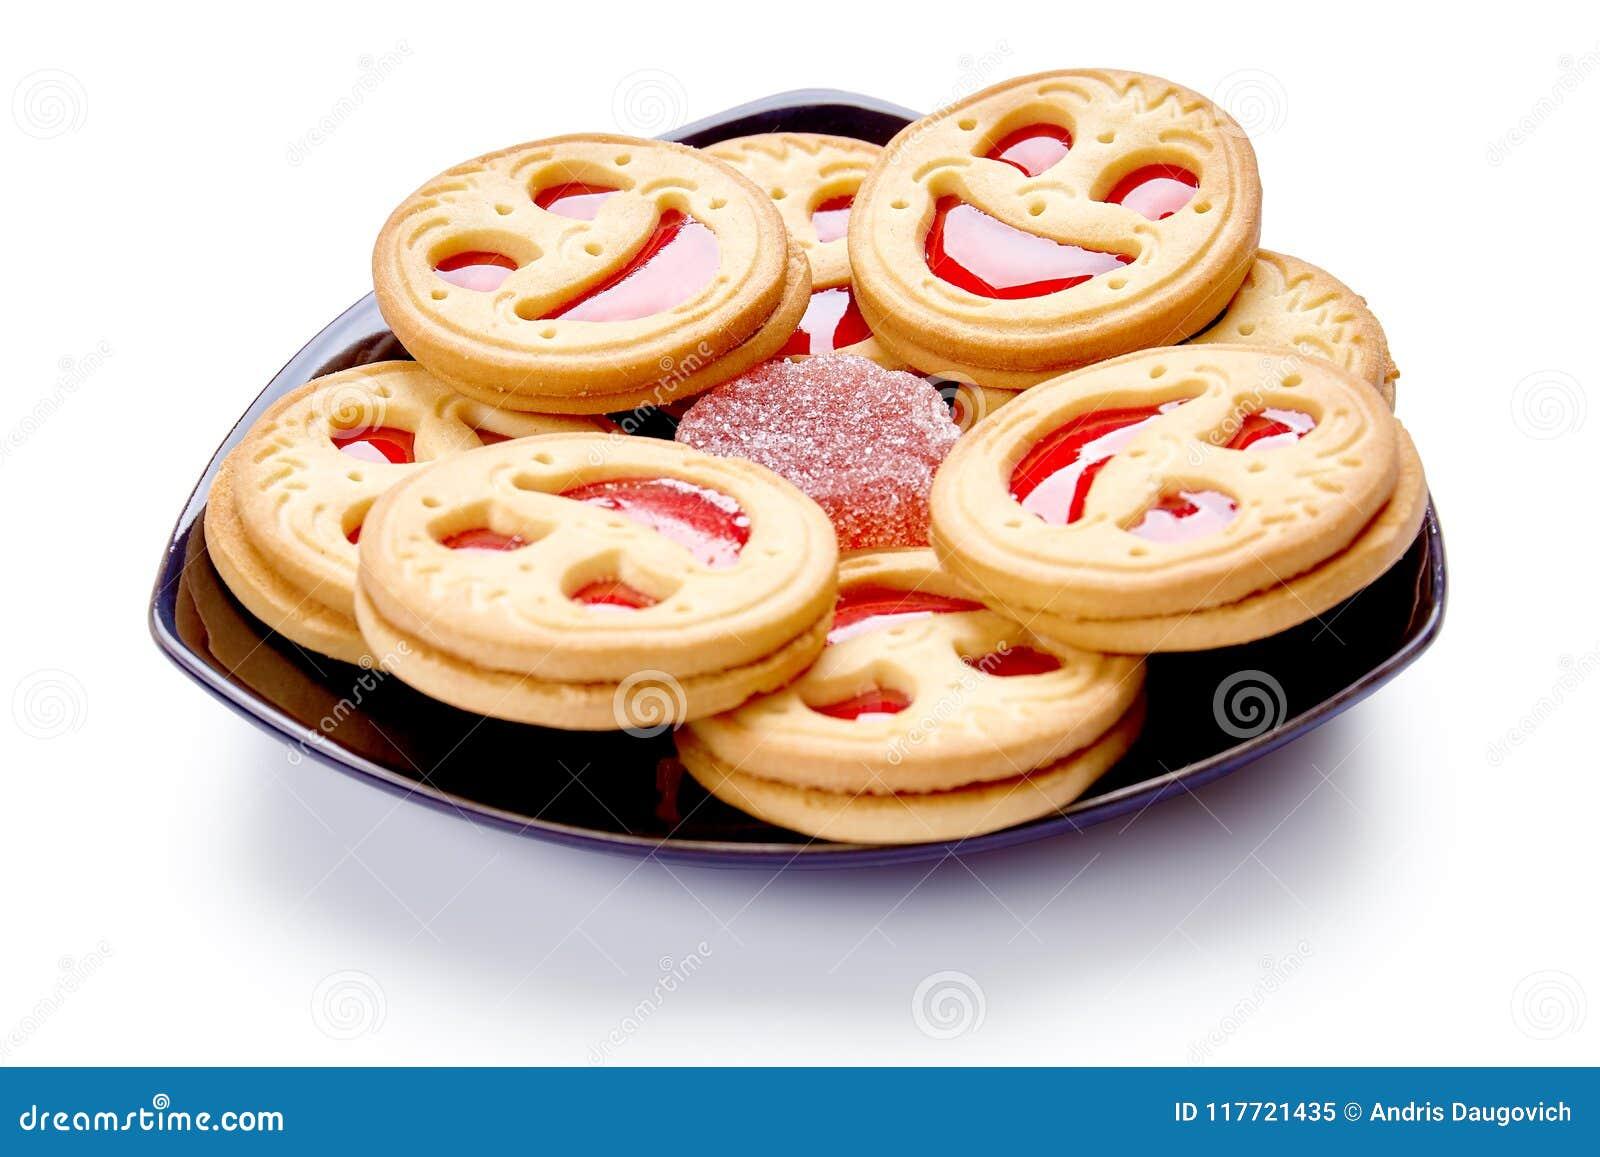 与红色果冻的微笑饼干 背景查出的白色